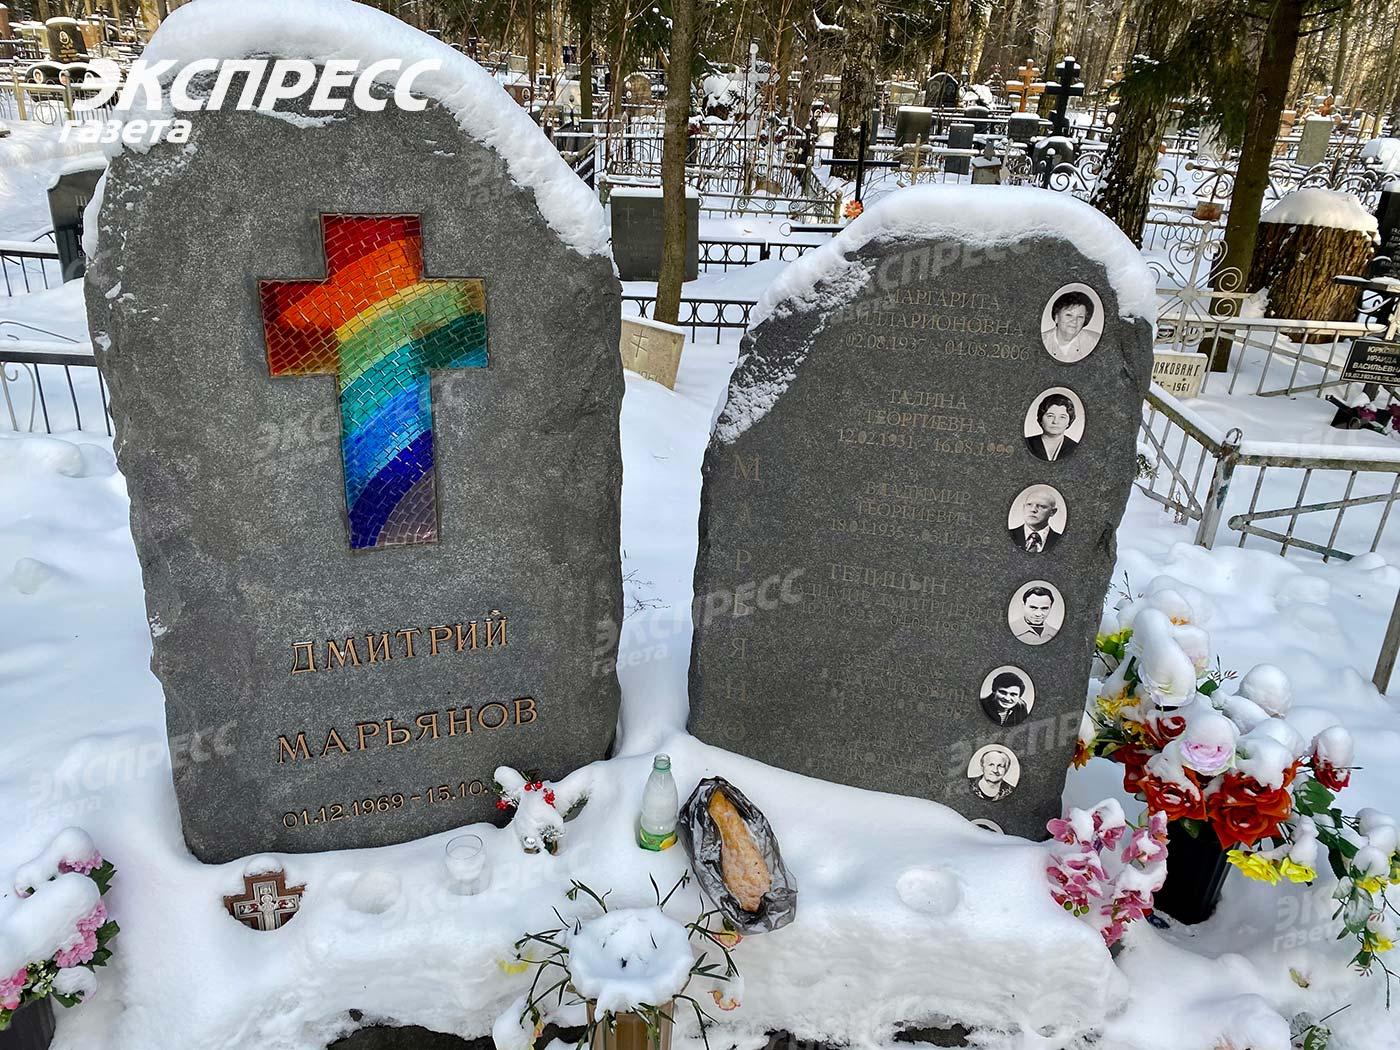 Могила Дмитрия Марьянова стала местом сборища алкоголиков и бездомных